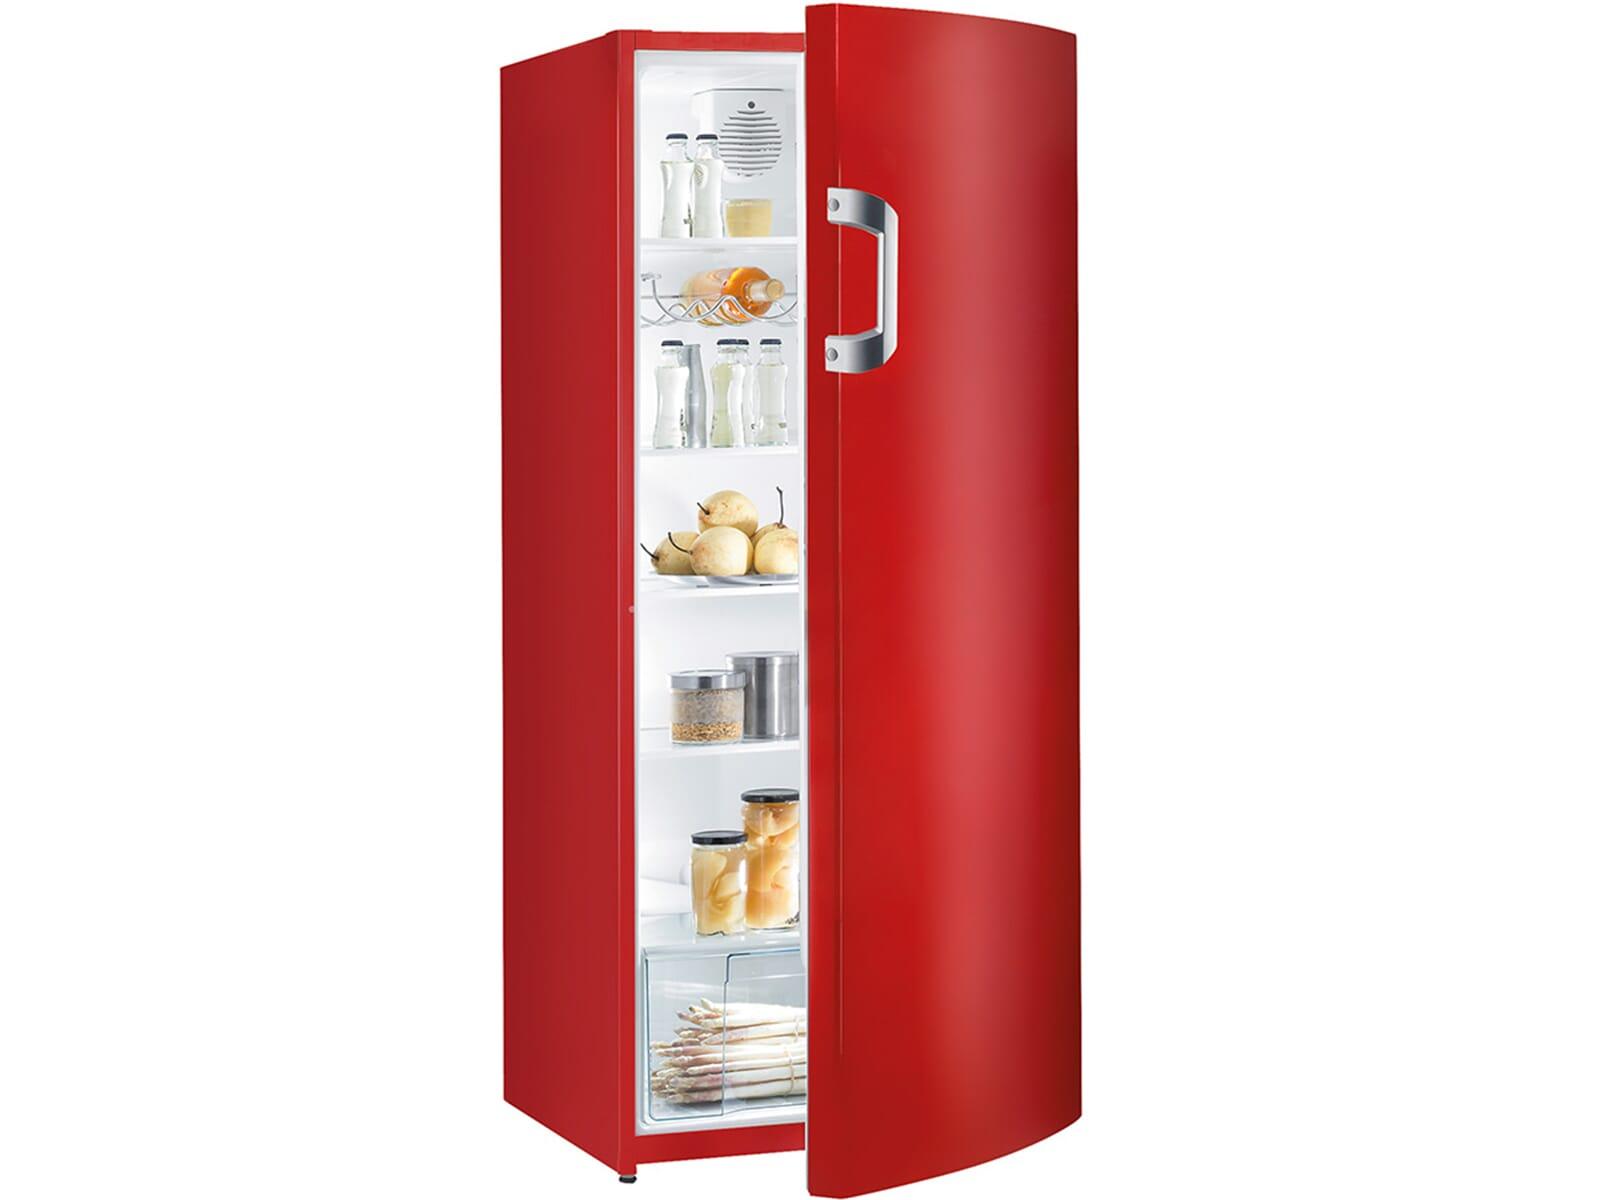 Kühlschrank Reiniger Aldi : Kleiner kühlschrank fust hervorragend kleiner kuhlschrank mit